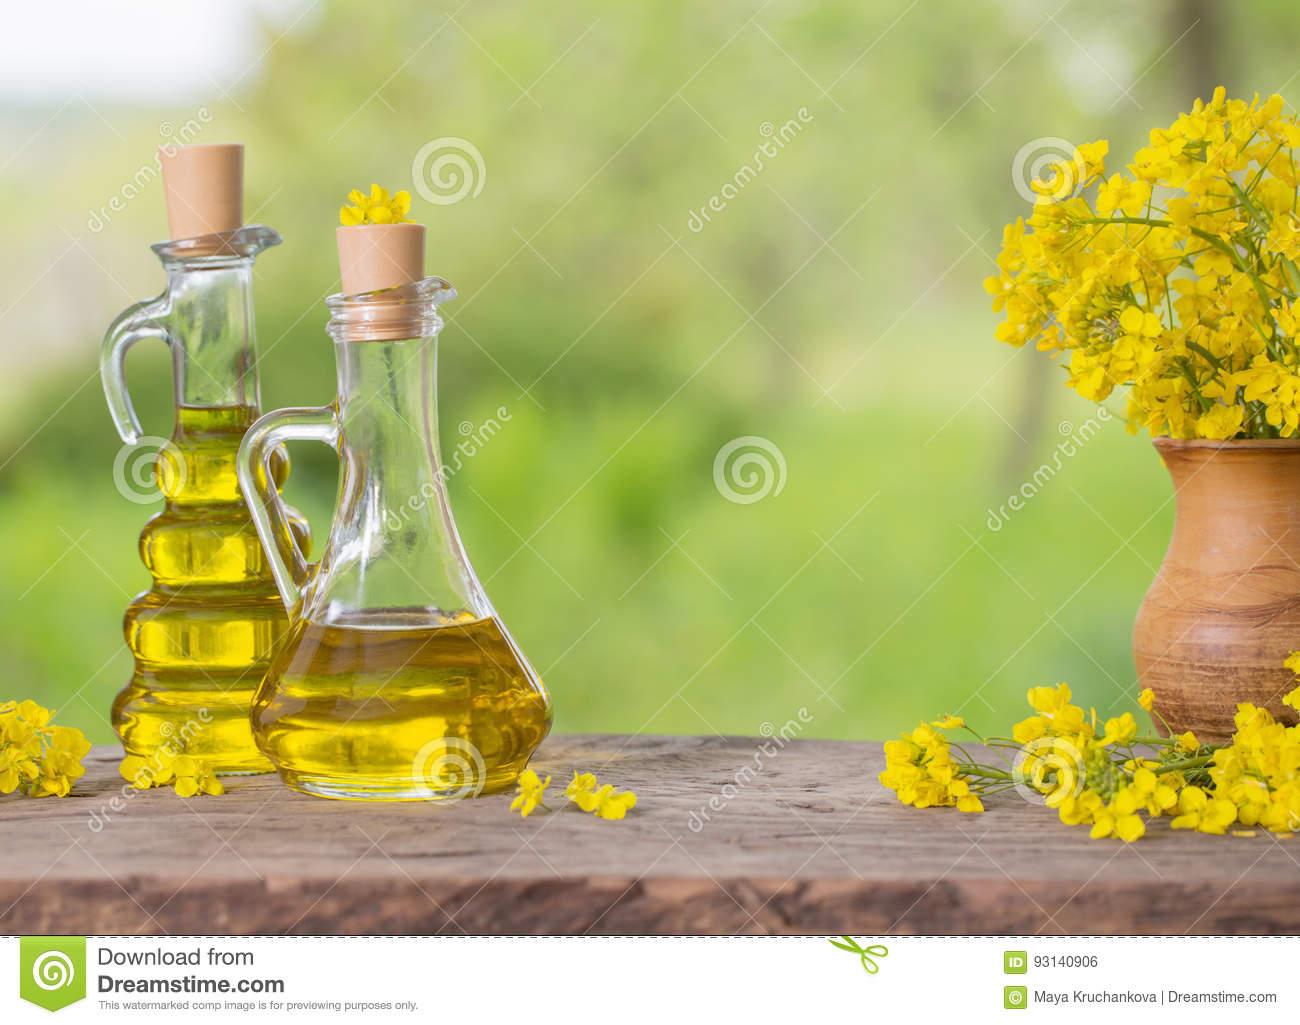 Рапсовое масло: вред и польза в детском питании, косметологии